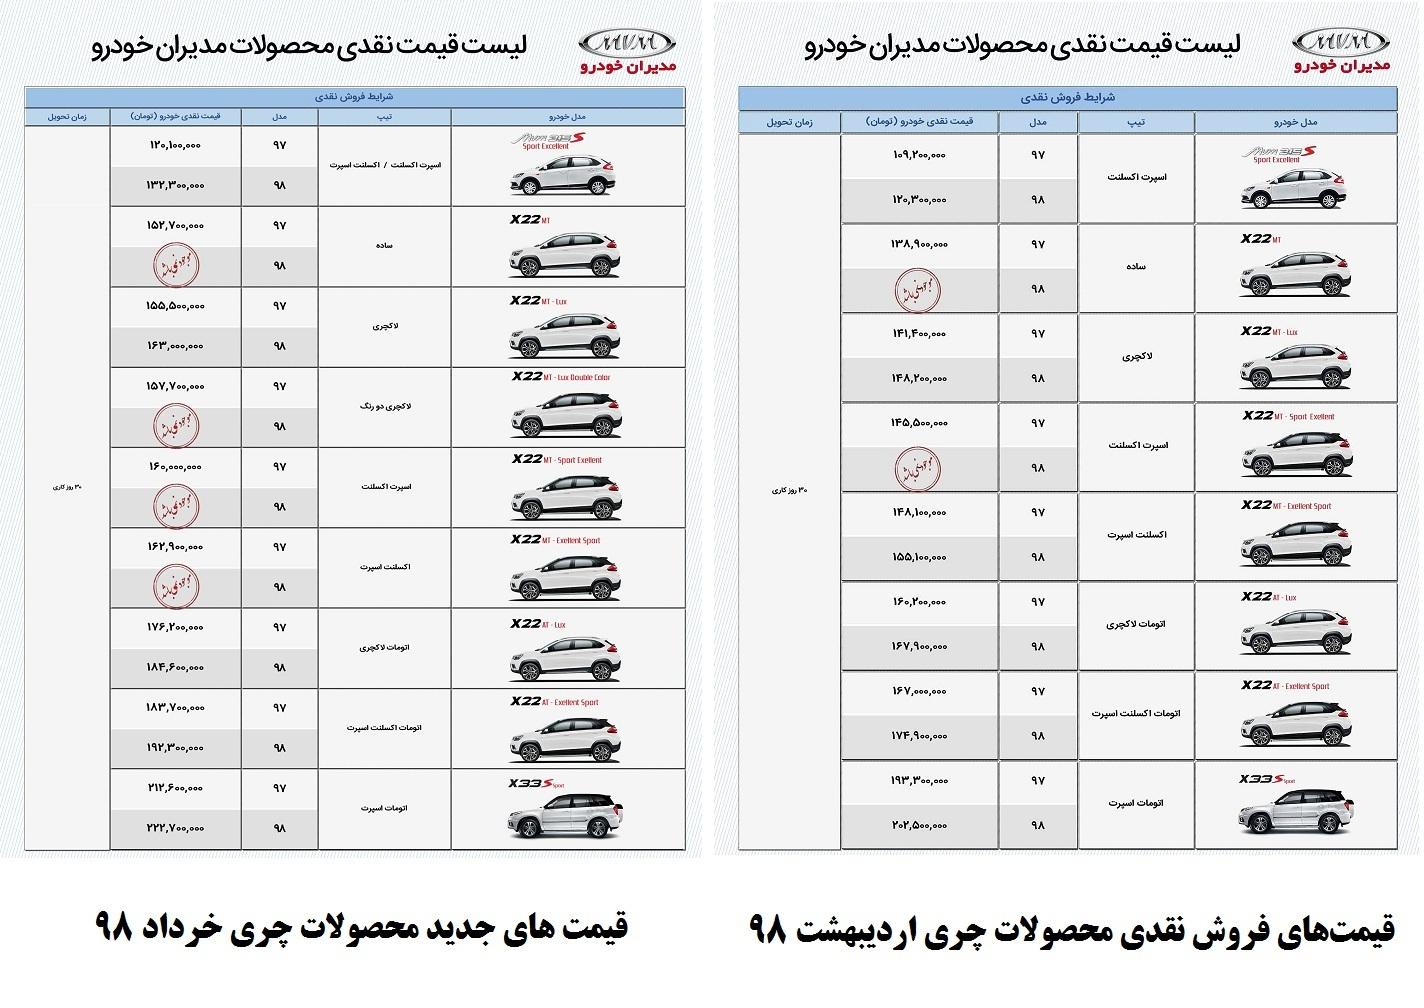 فروش نقدی محصولات چری؛ مدیران خودرو یکماه ۲۰ میلیون گران کرد!